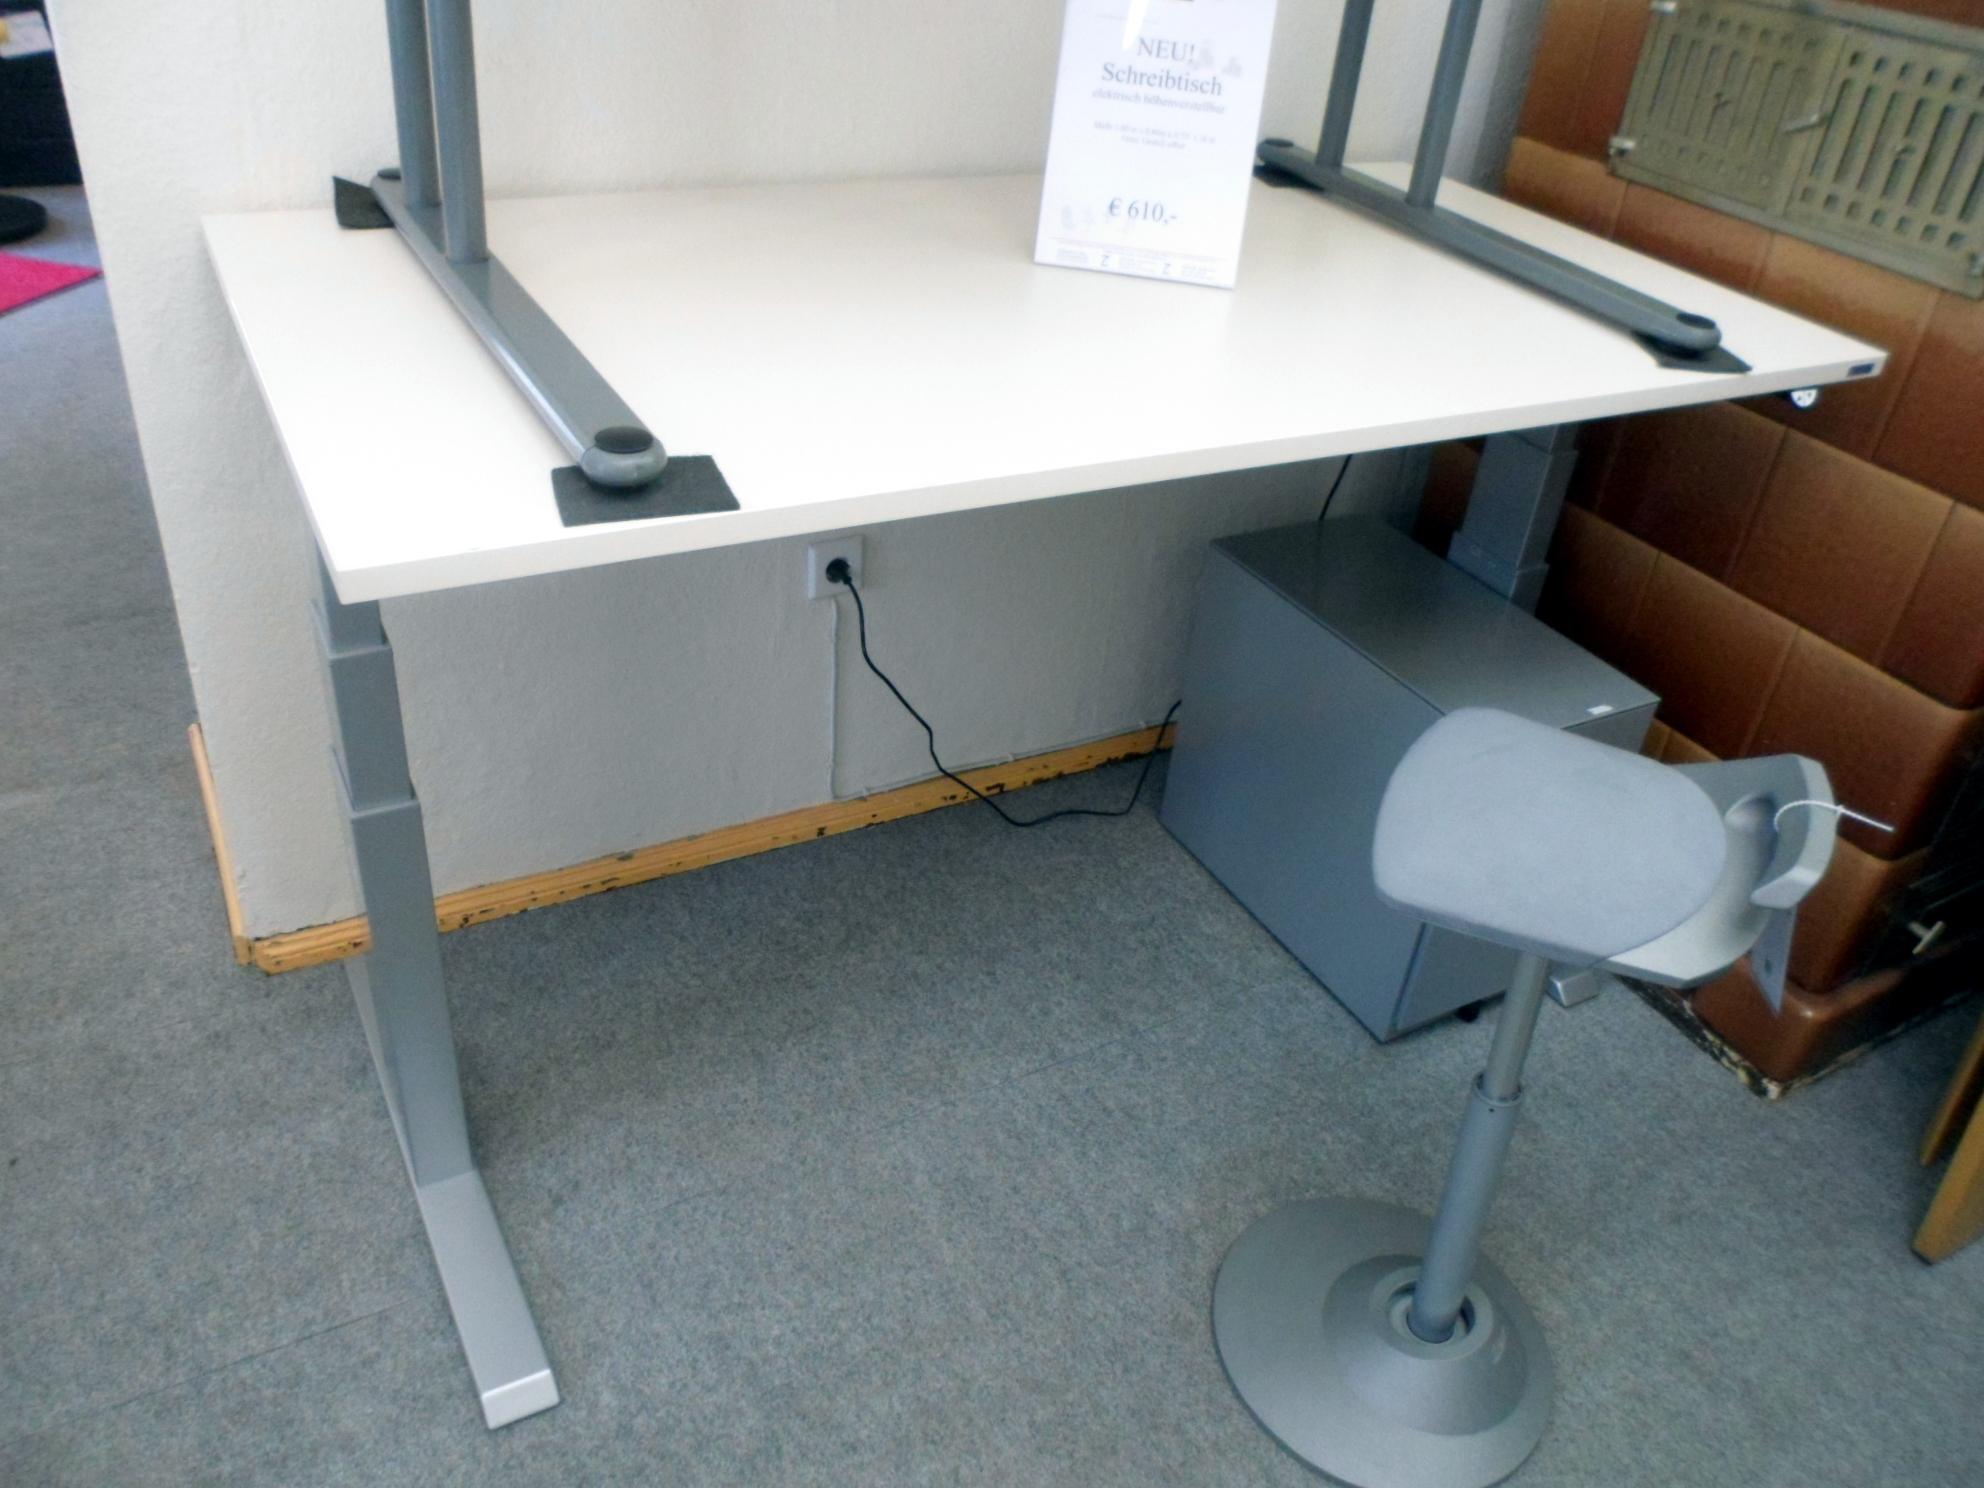 elektrisch h henverstellbarer schreibtisch das zweite b ro schreibtische. Black Bedroom Furniture Sets. Home Design Ideas